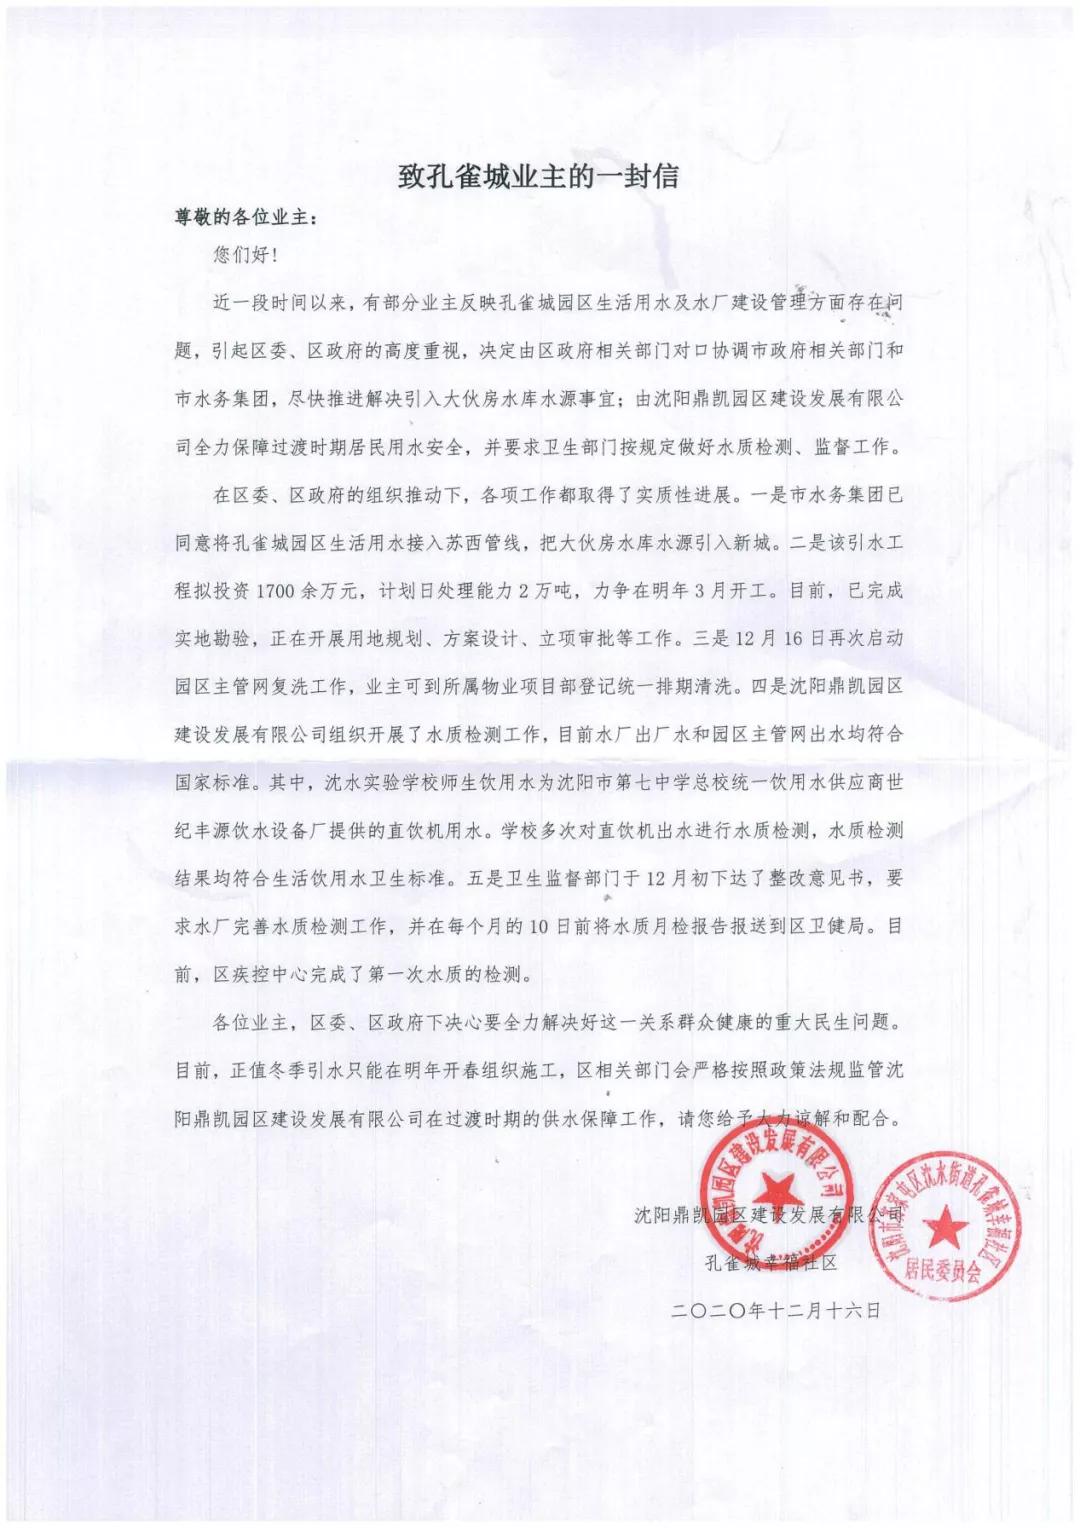 """沈阳一新盘饮用水锰超标 环保部门称""""自备水井未获批"""""""